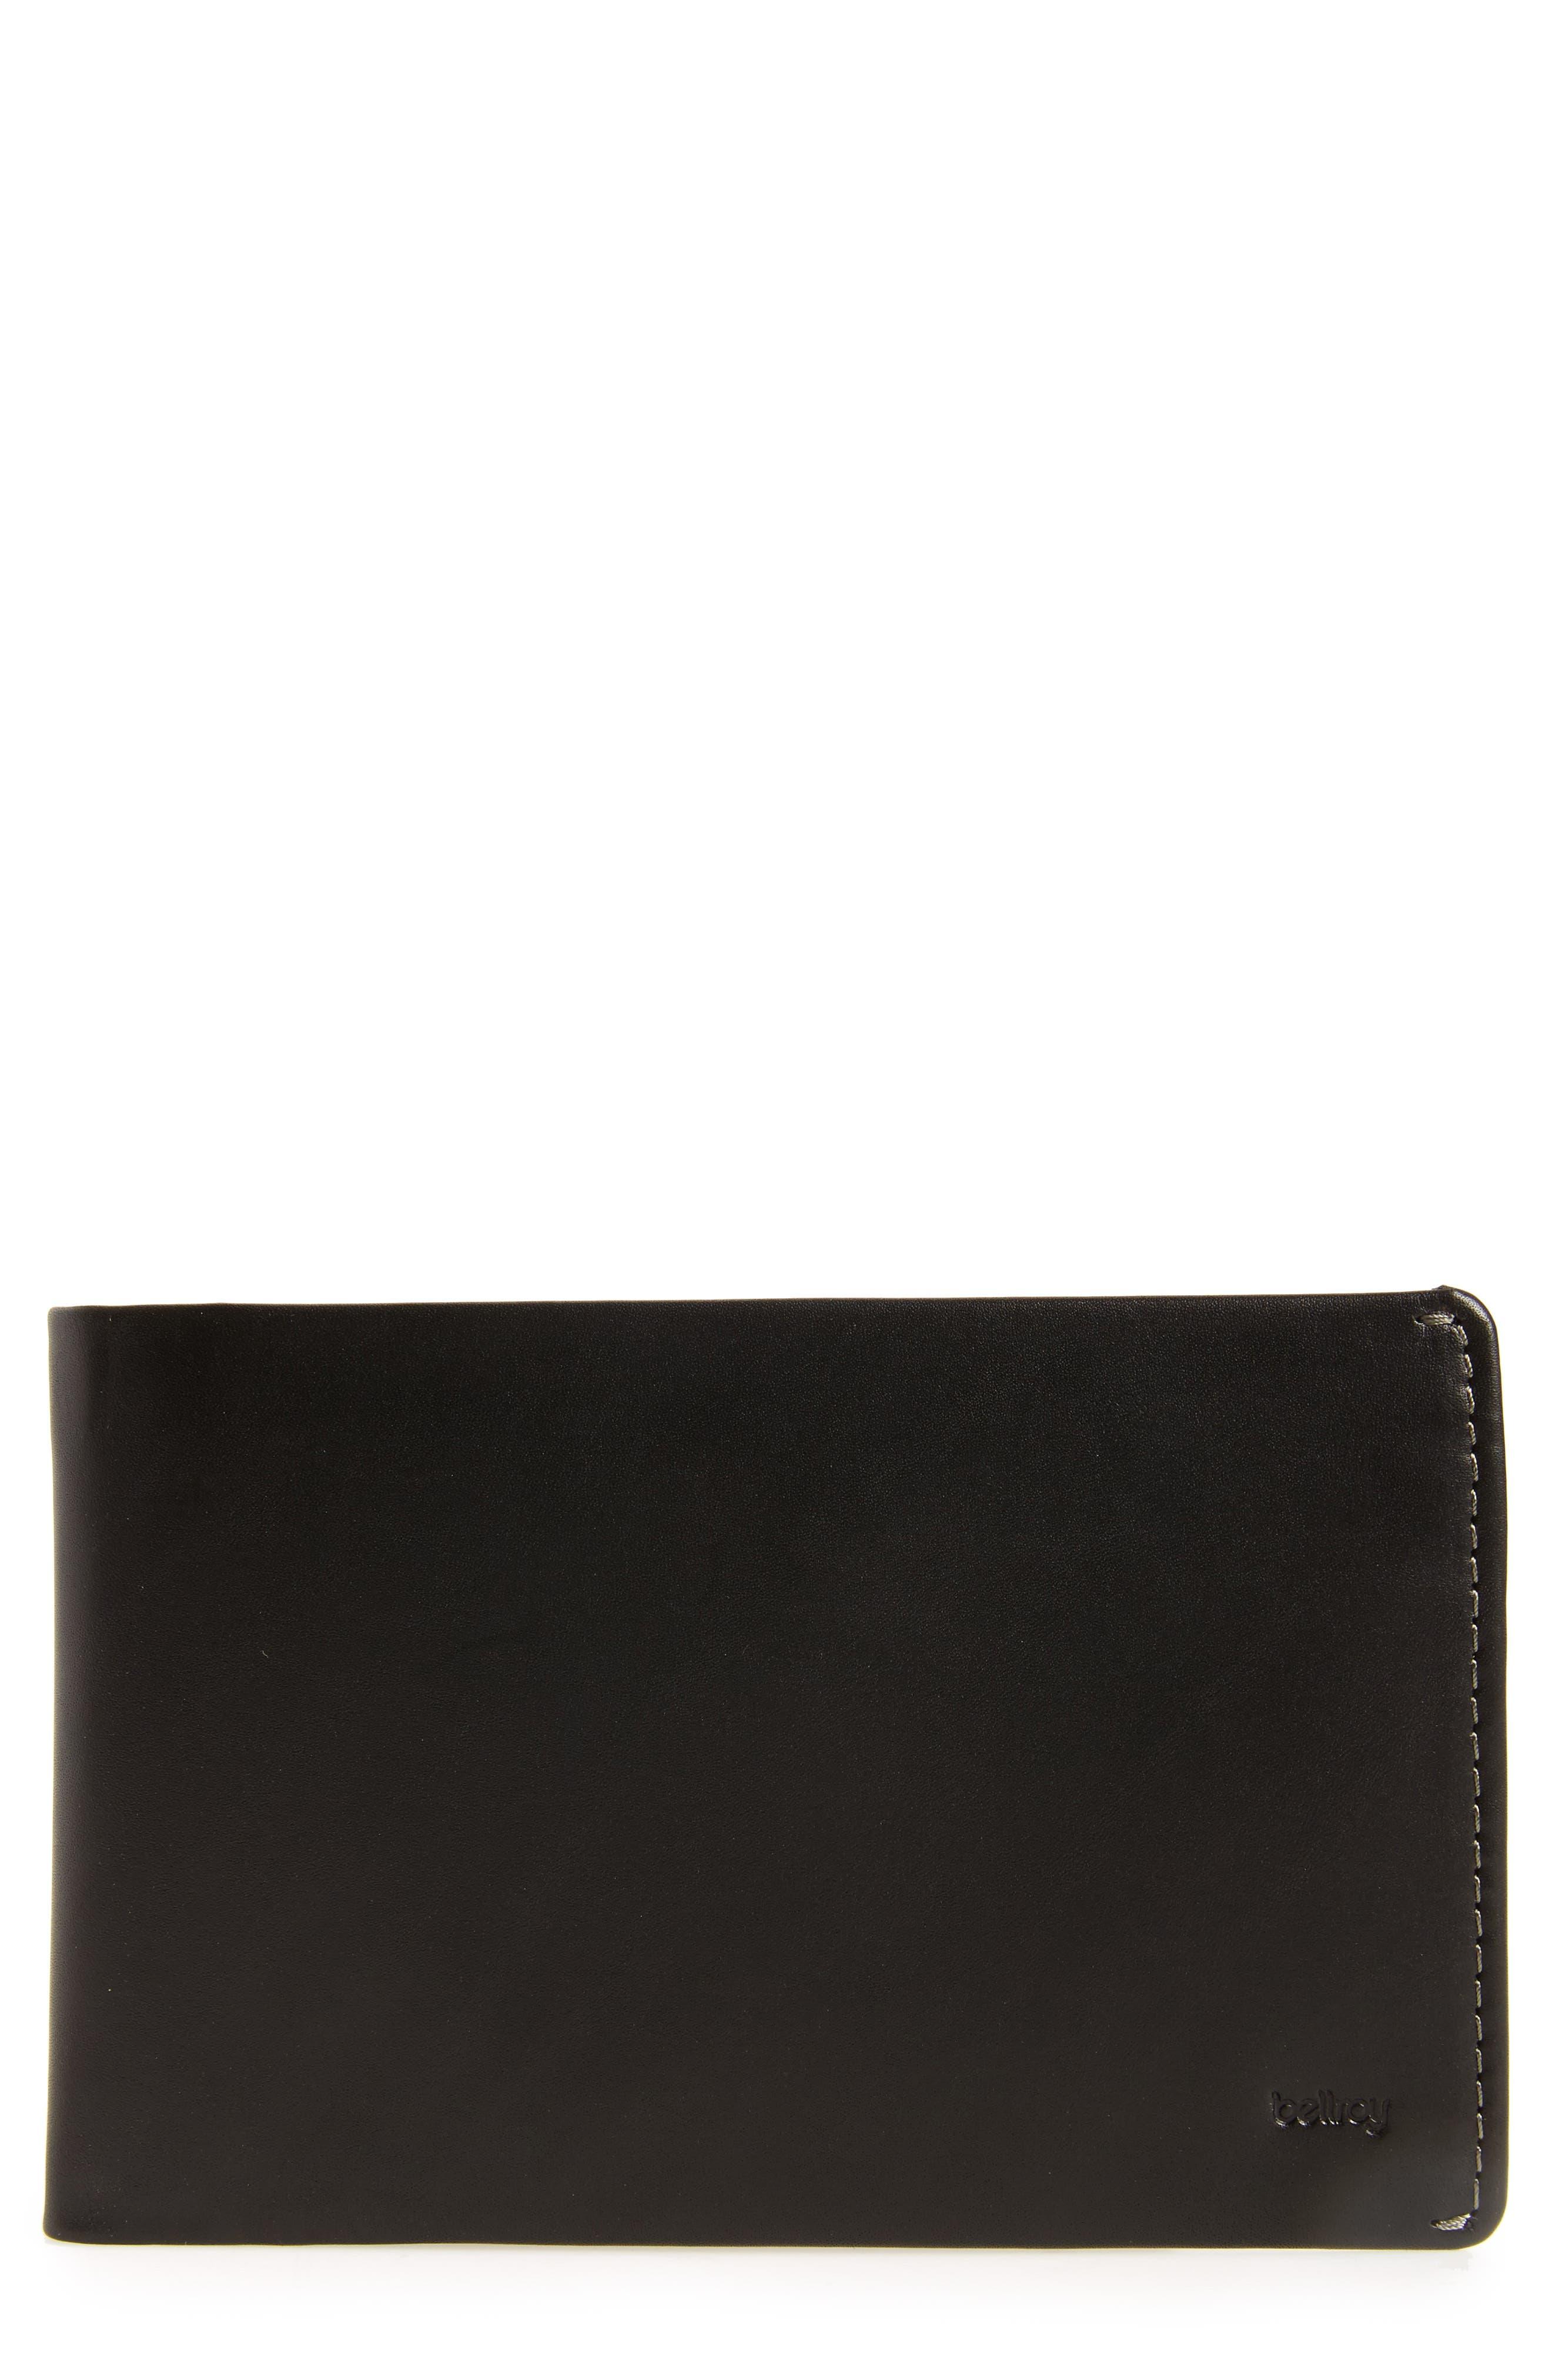 RFID Travel Wallet,                             Main thumbnail 1, color,                             Black